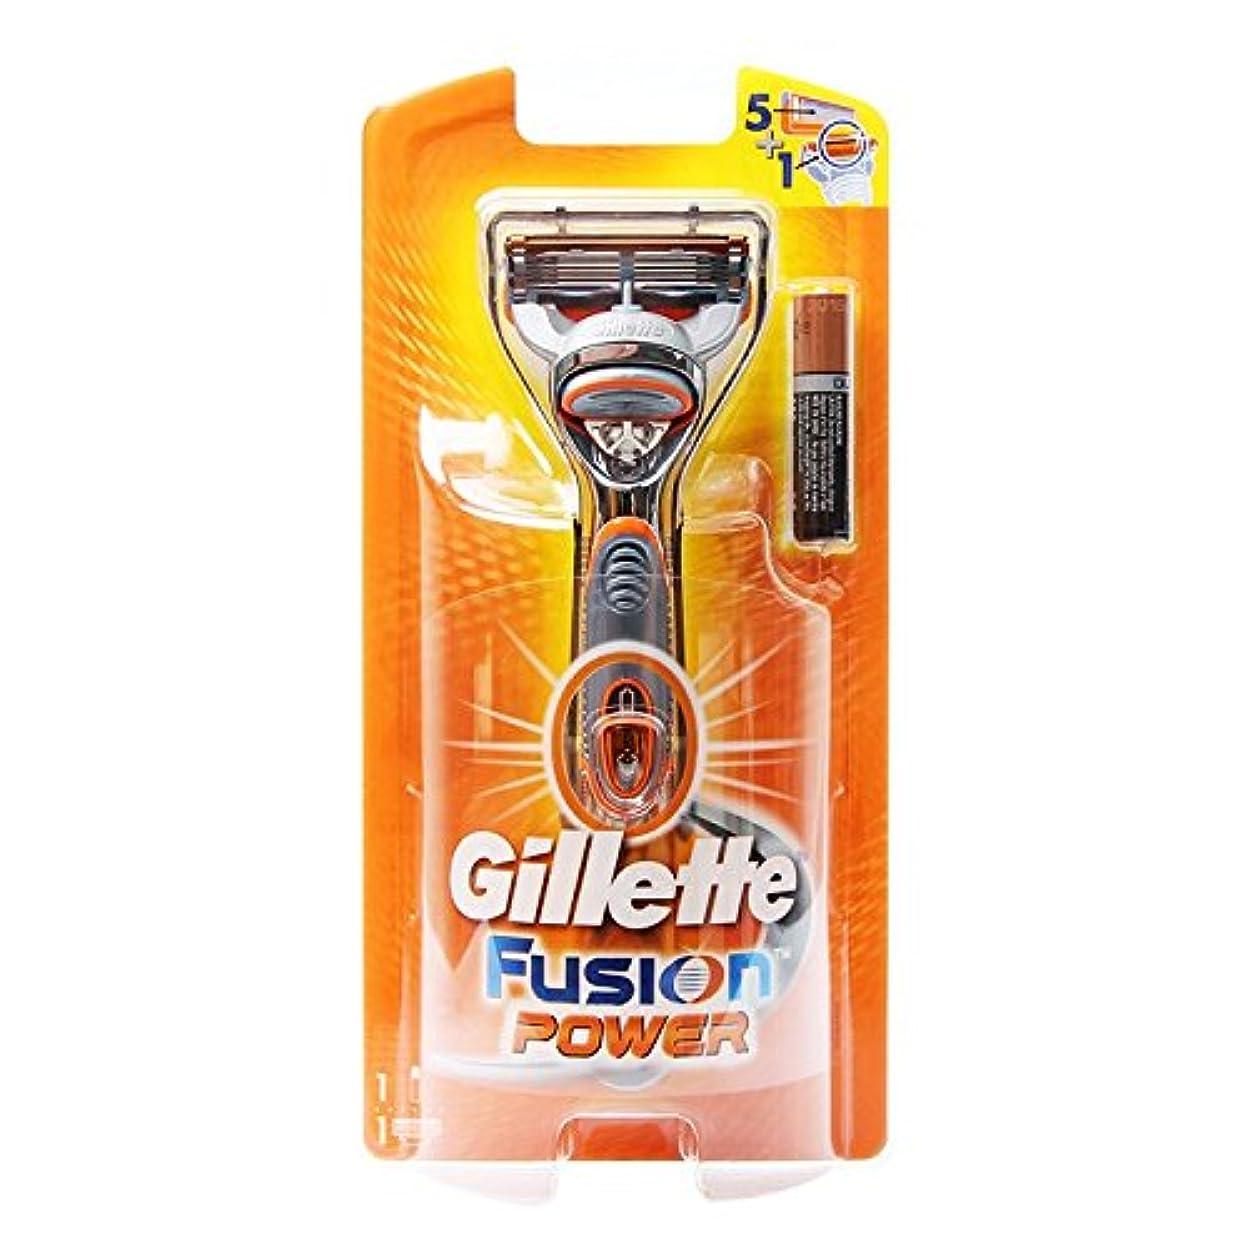 ハリウッド印象平和なGillette Fusion power 1 かみそり [並行輸入品]